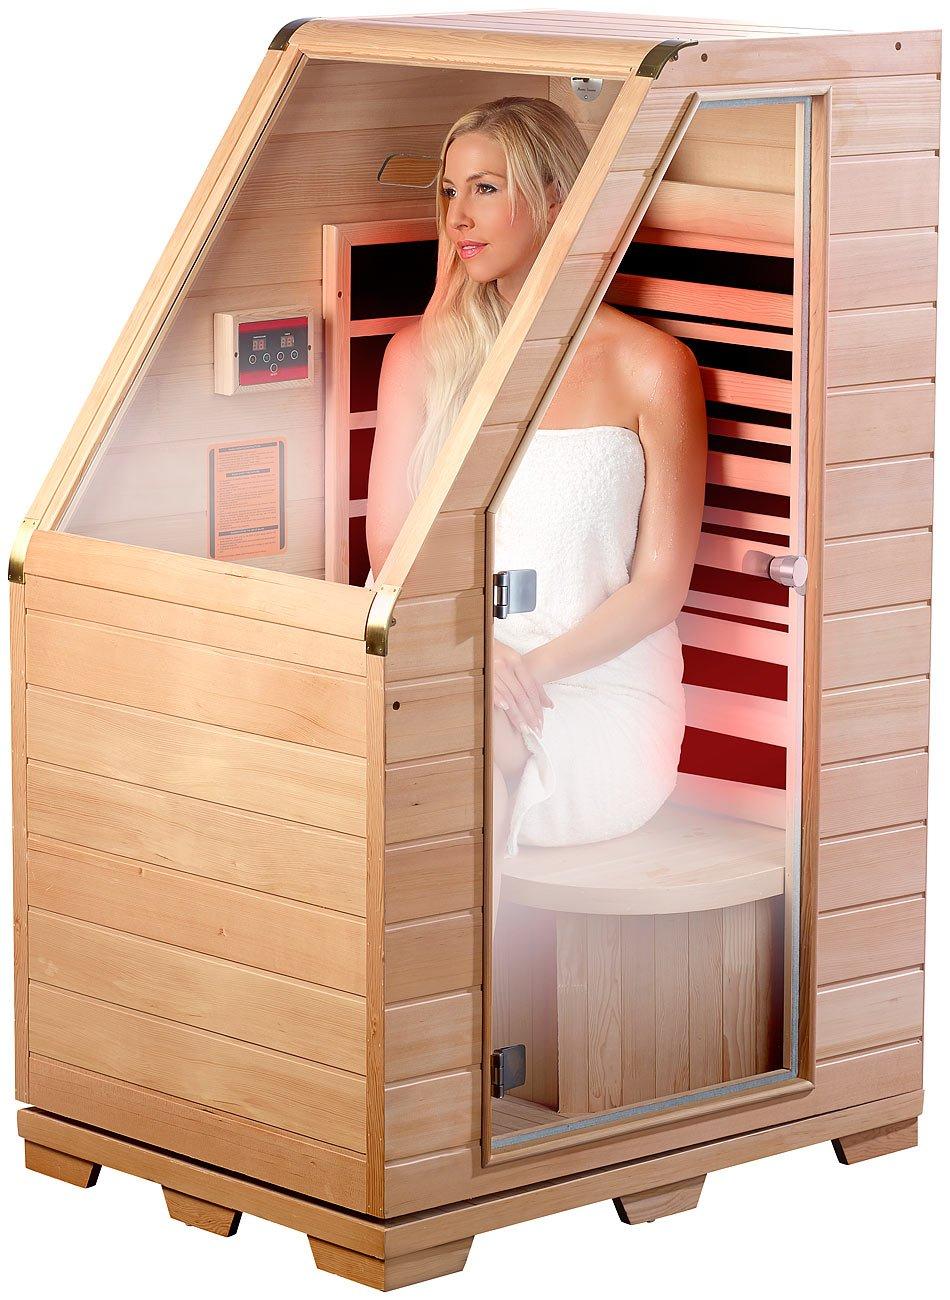 newgen medicals Sitzsauna für Zuhause: Infrarot-sauna